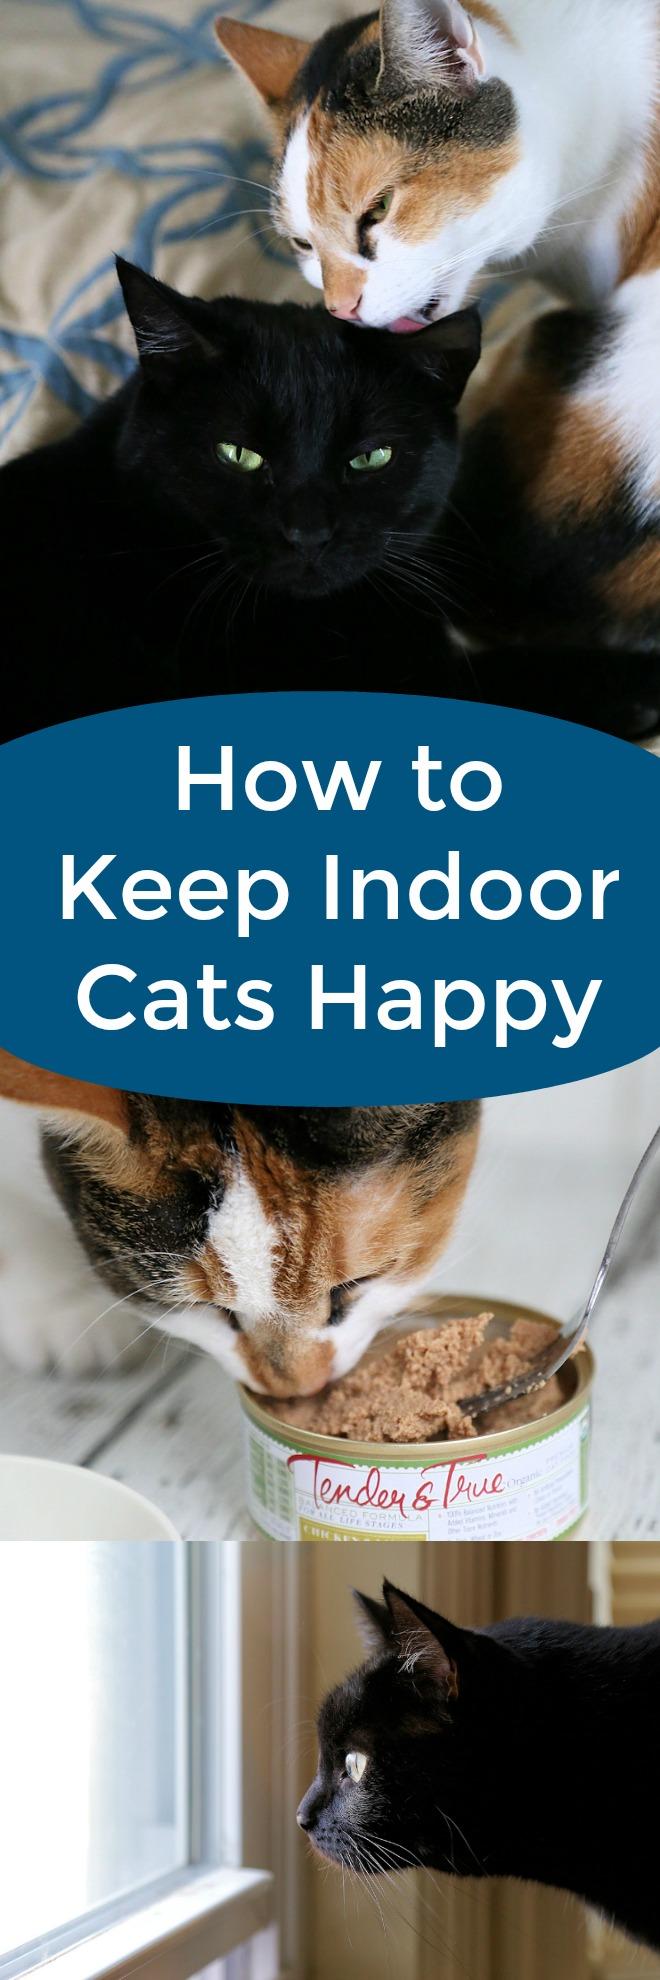 How to Keep Indoor Cats Happy #ad #TenderandTruePet #cats #cat #pets #feline